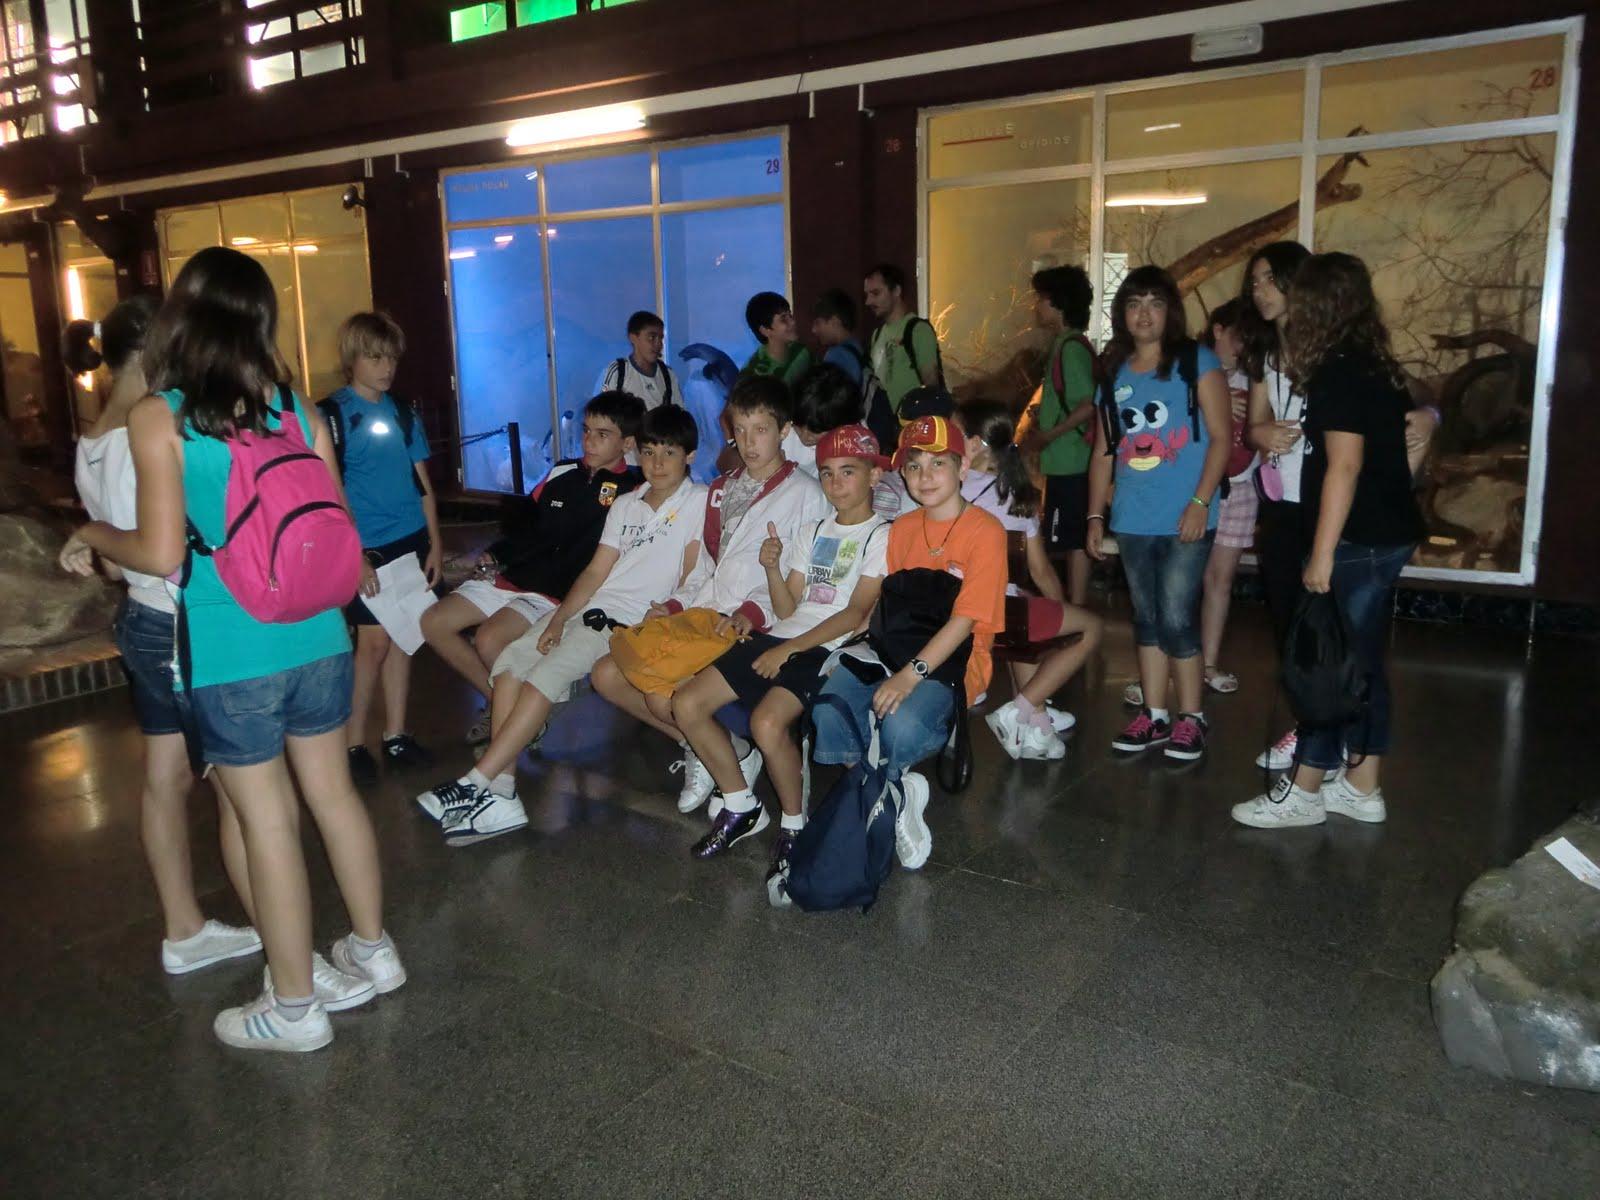 Tercer ciclo escuelas p as junio 2011 for Piscina escuelas pias